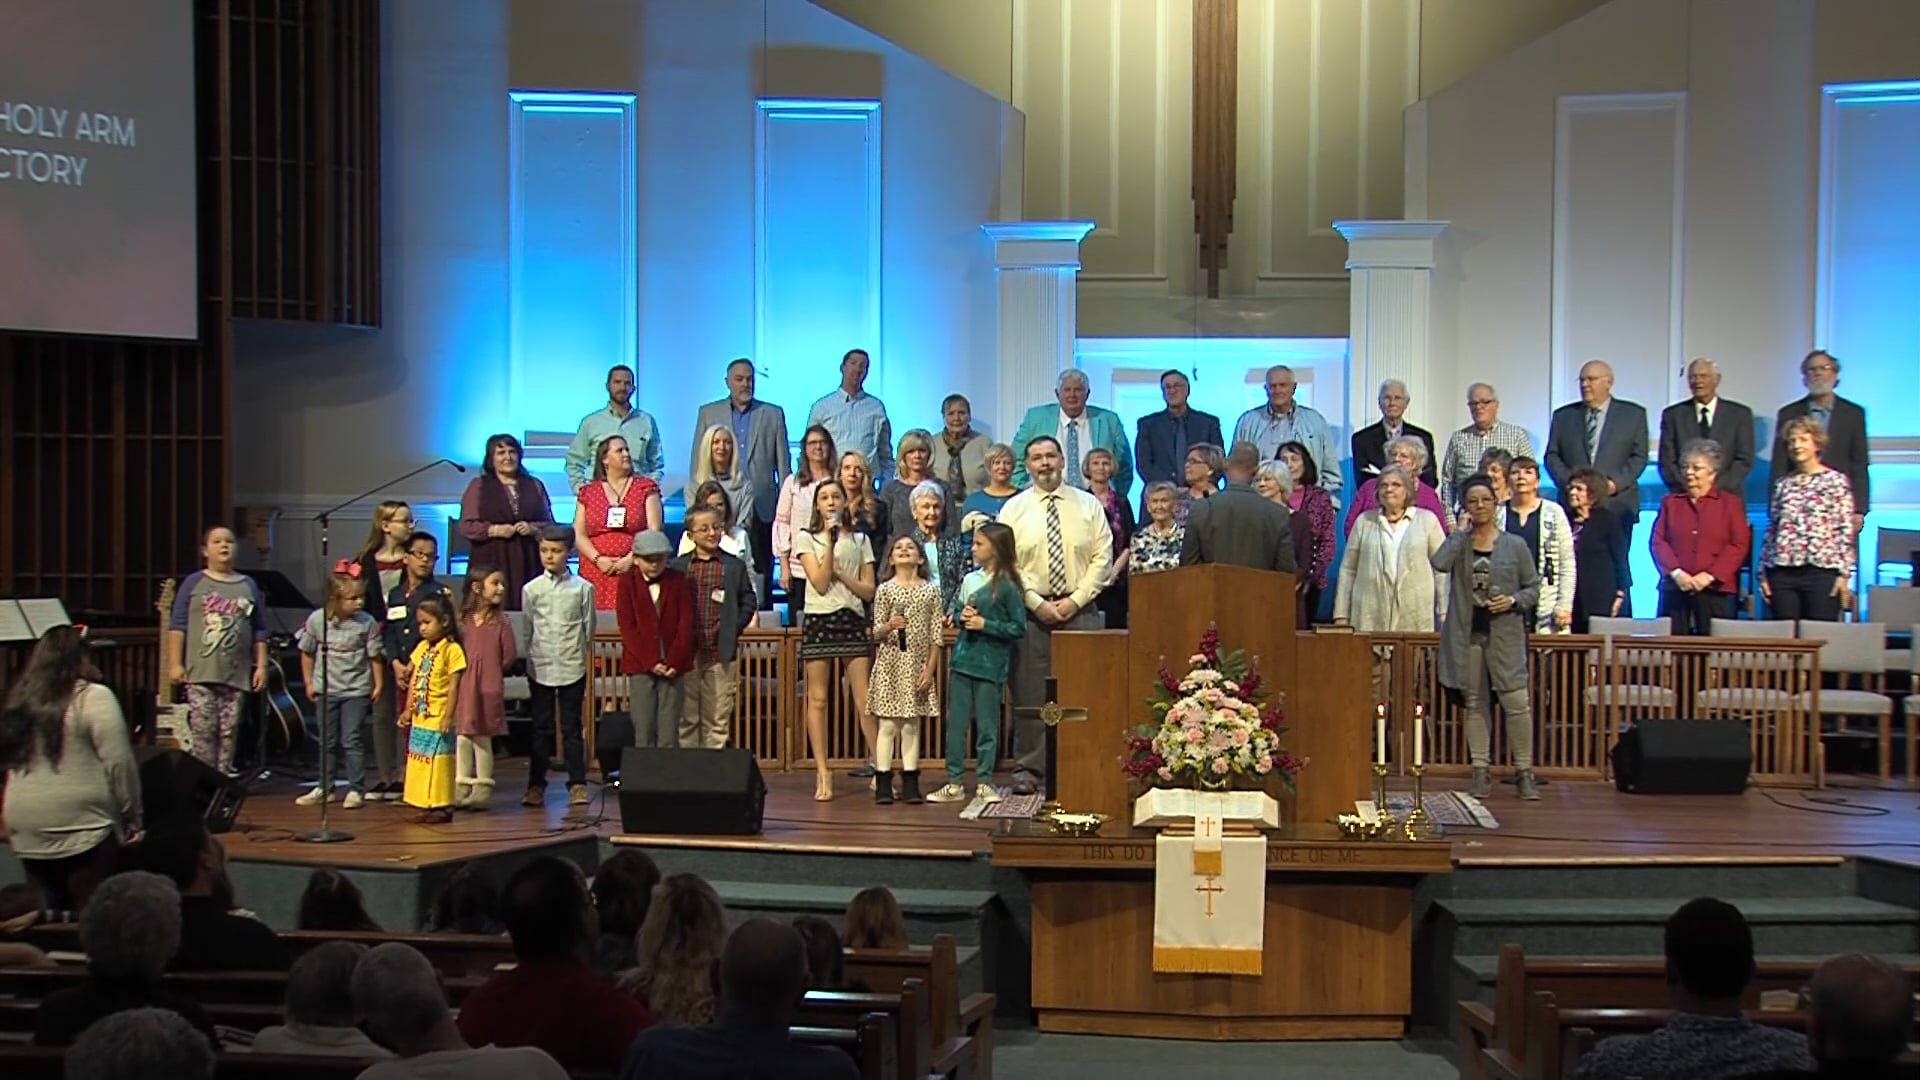 Old  Church Choir